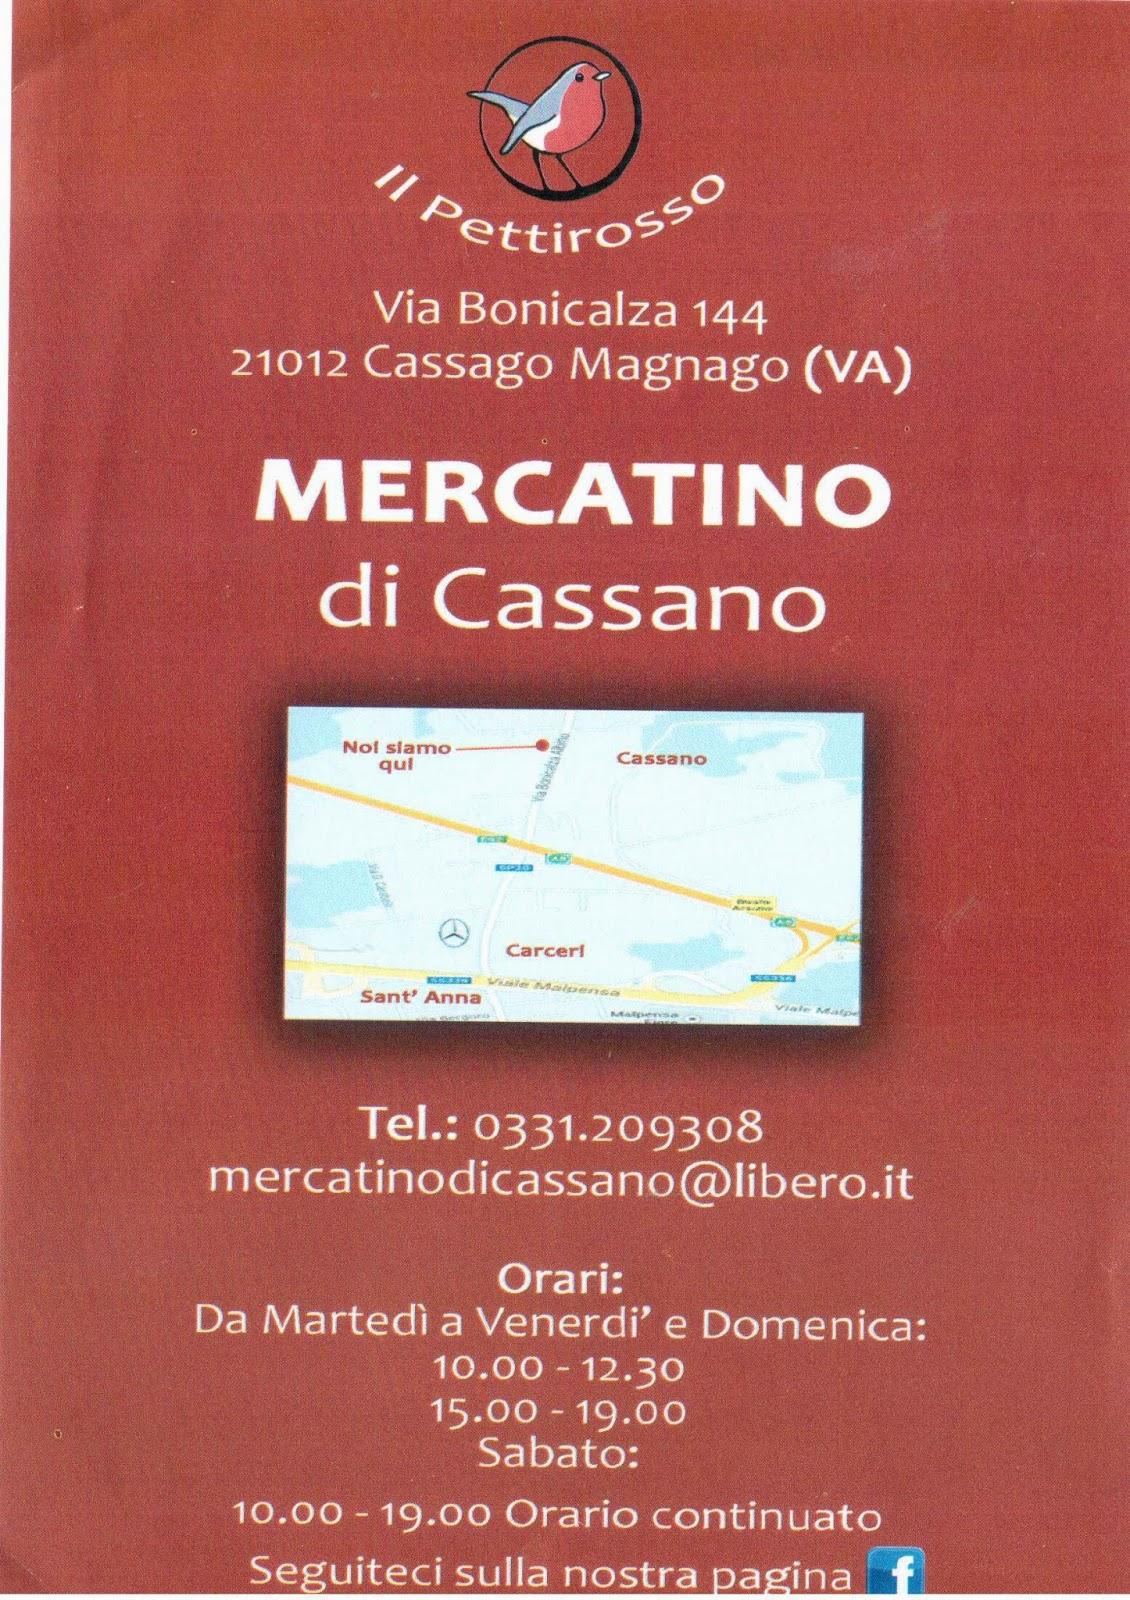 Il Volantino Del Mercatino Di Cassano Magnago